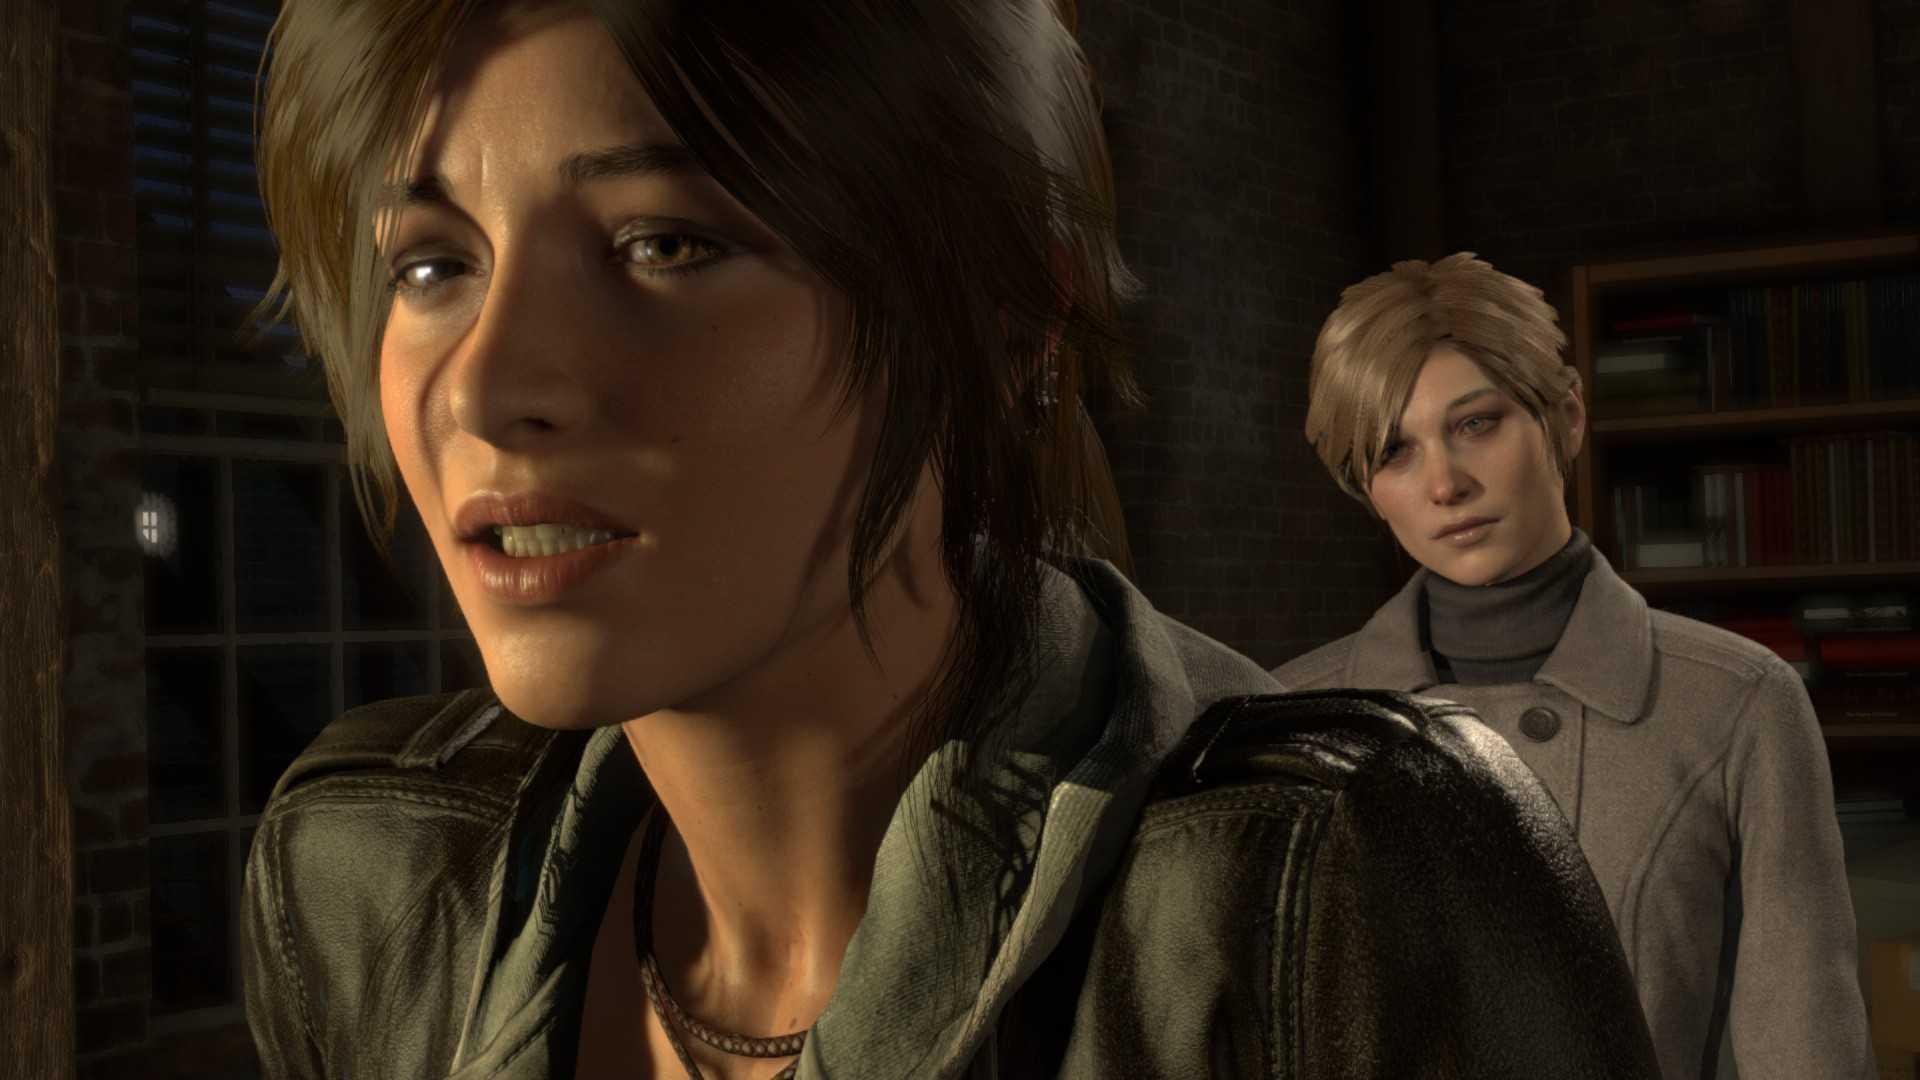 Laras Gesicht ist grafisch überzeugend modelliert.